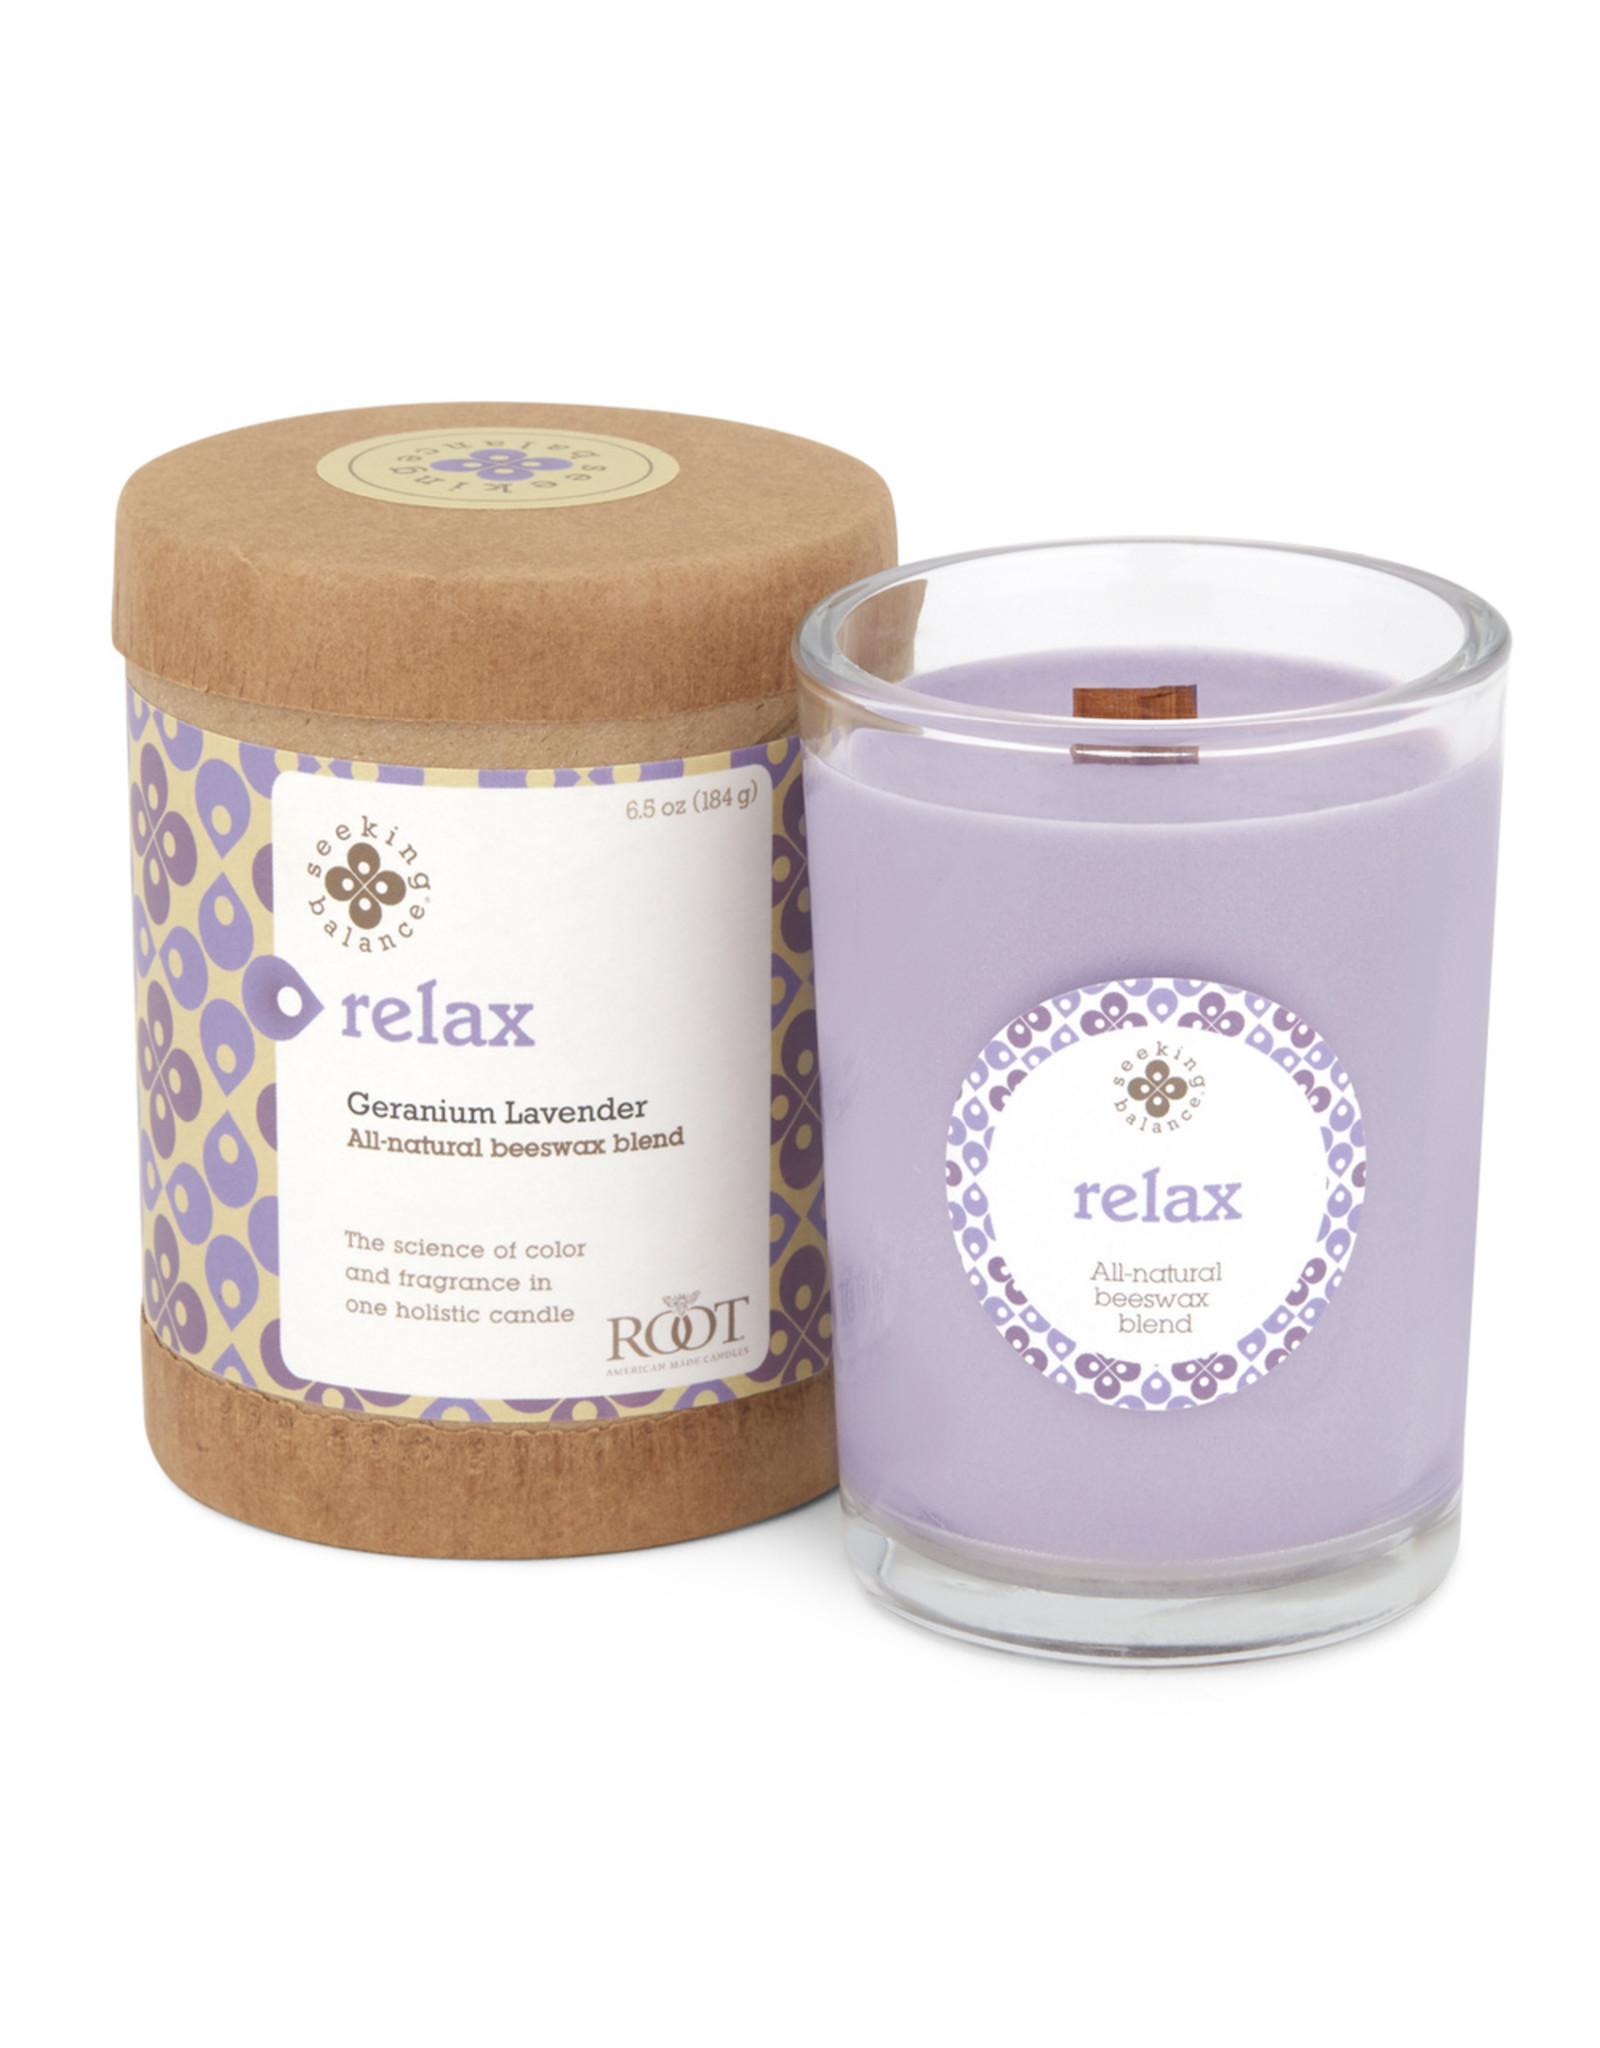 Root Candle - Relax (Geranium Lavender)